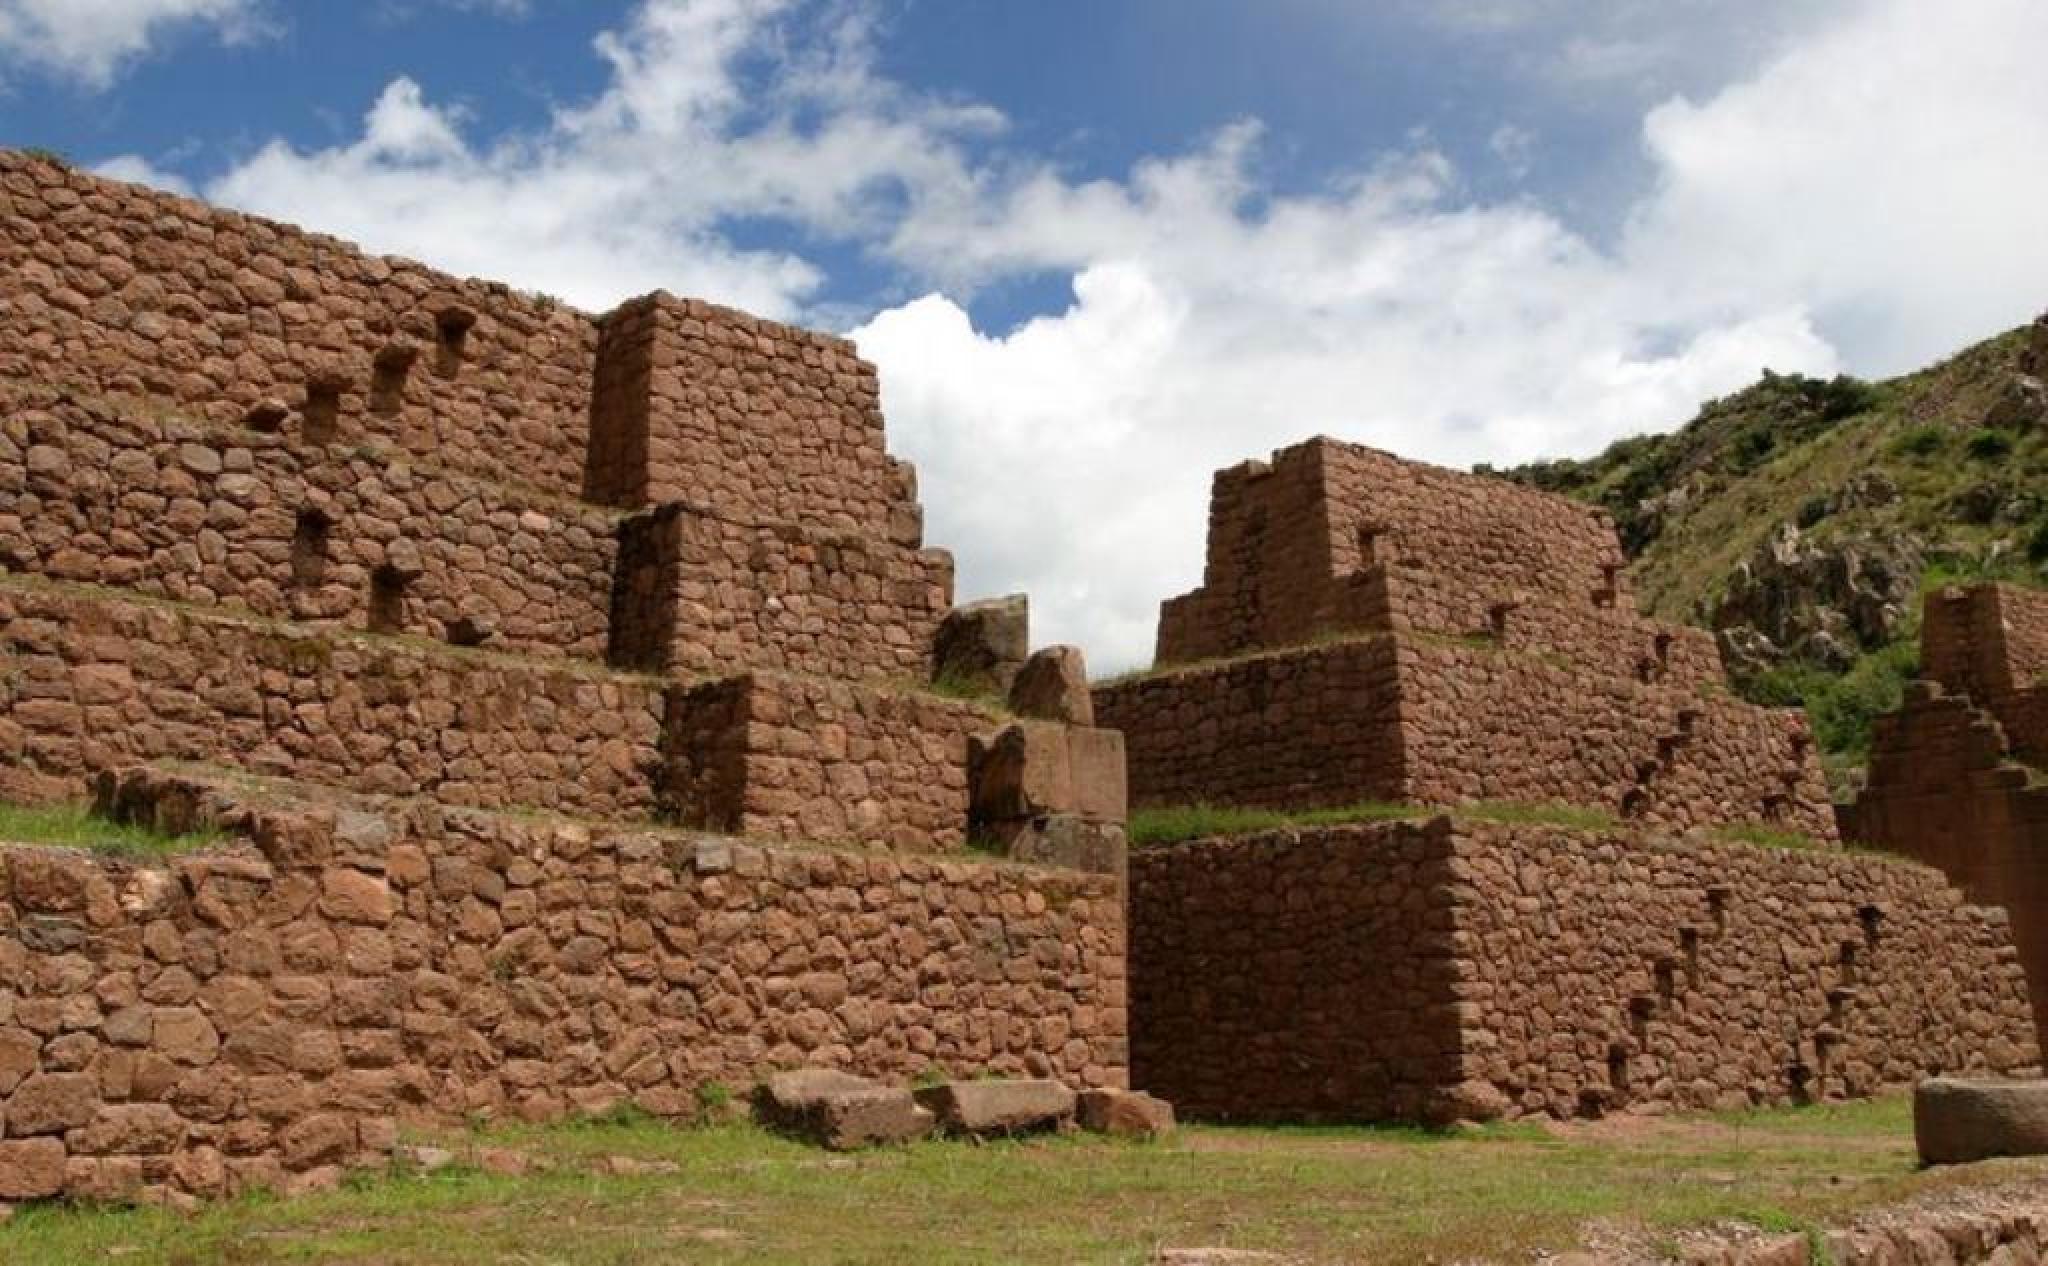 Tipon, Piquillacta and Andahuaylillas